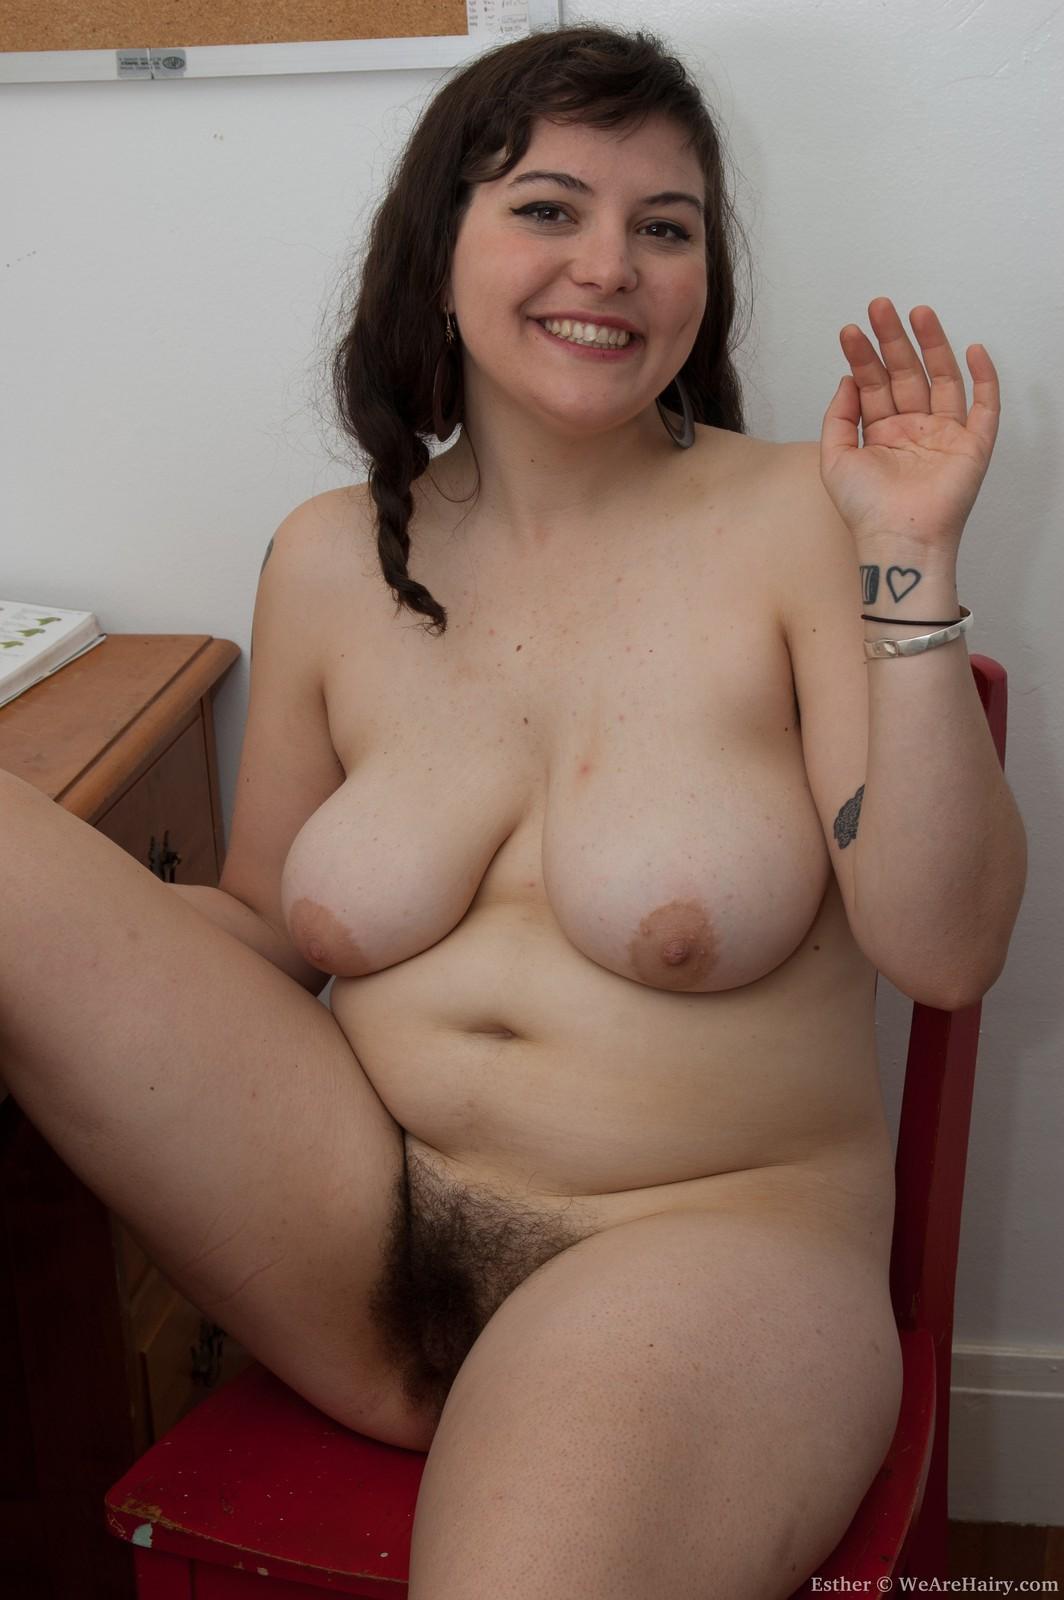 Голая толстушка с пышной грудью и мохнатой пизденкой фото, звезда пампэла порно